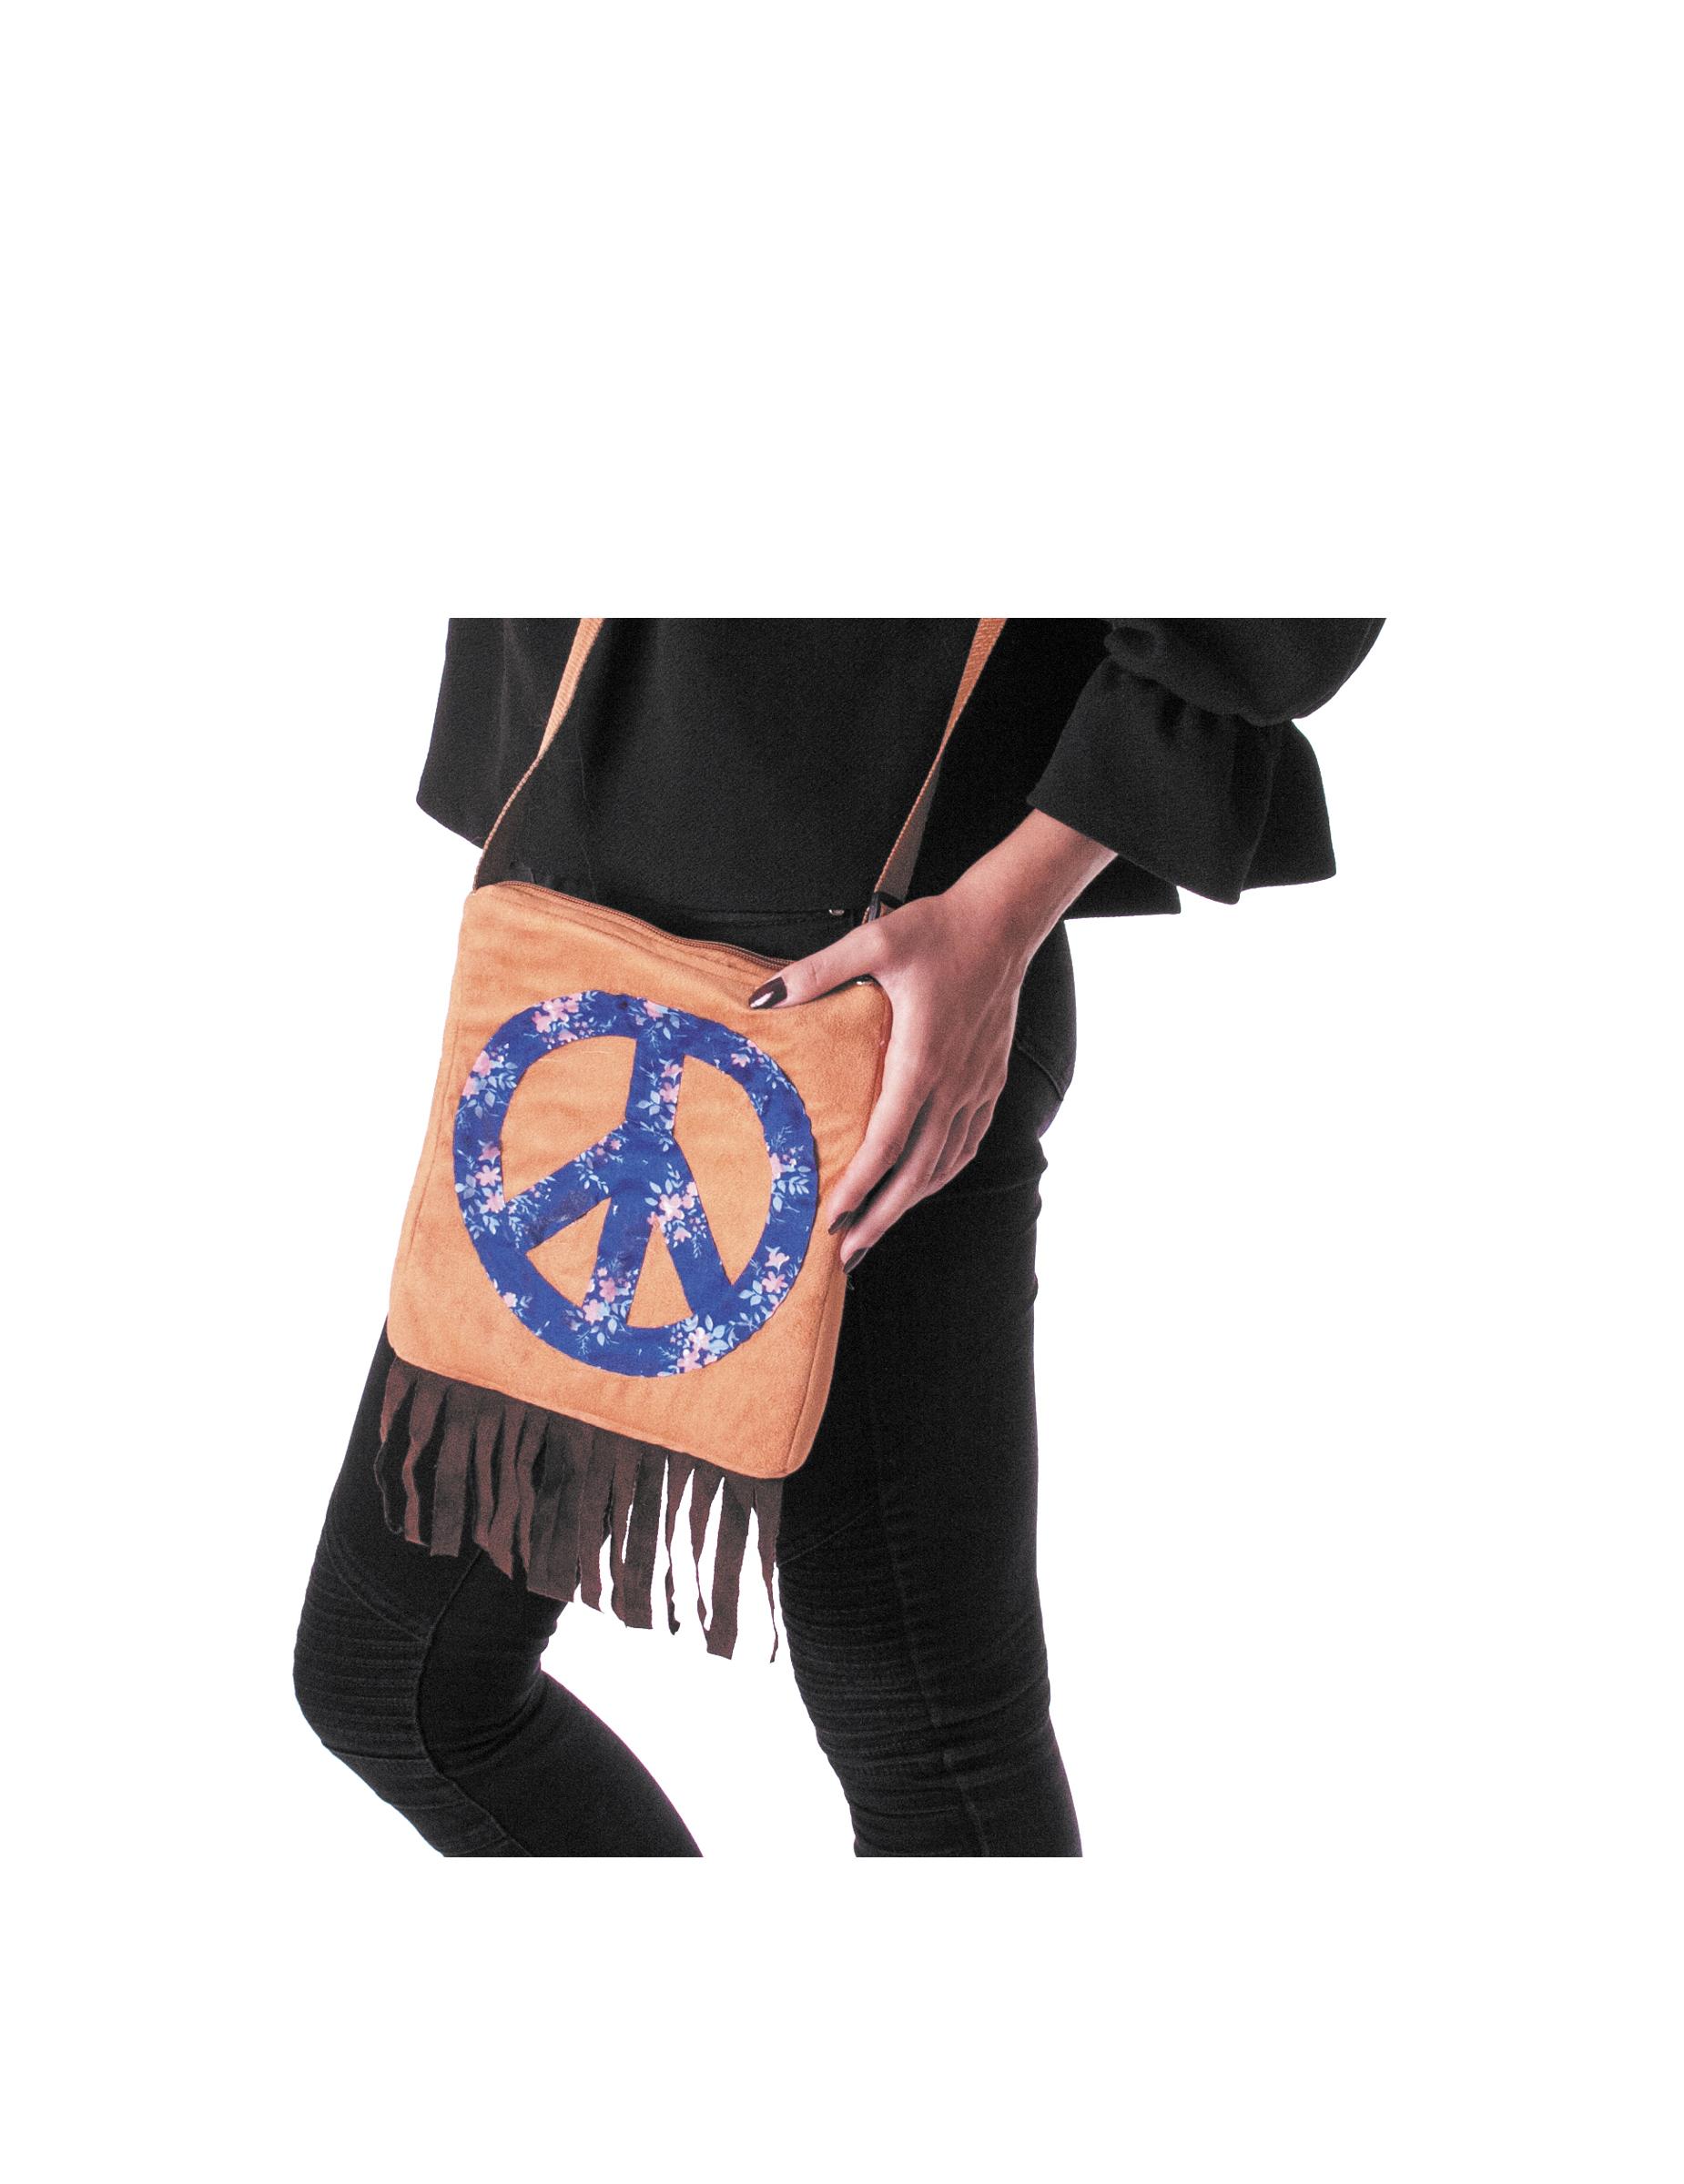 hippie handtasche f r damen blau braun accessoires und g nstige faschingskost me vegaoo. Black Bedroom Furniture Sets. Home Design Ideas